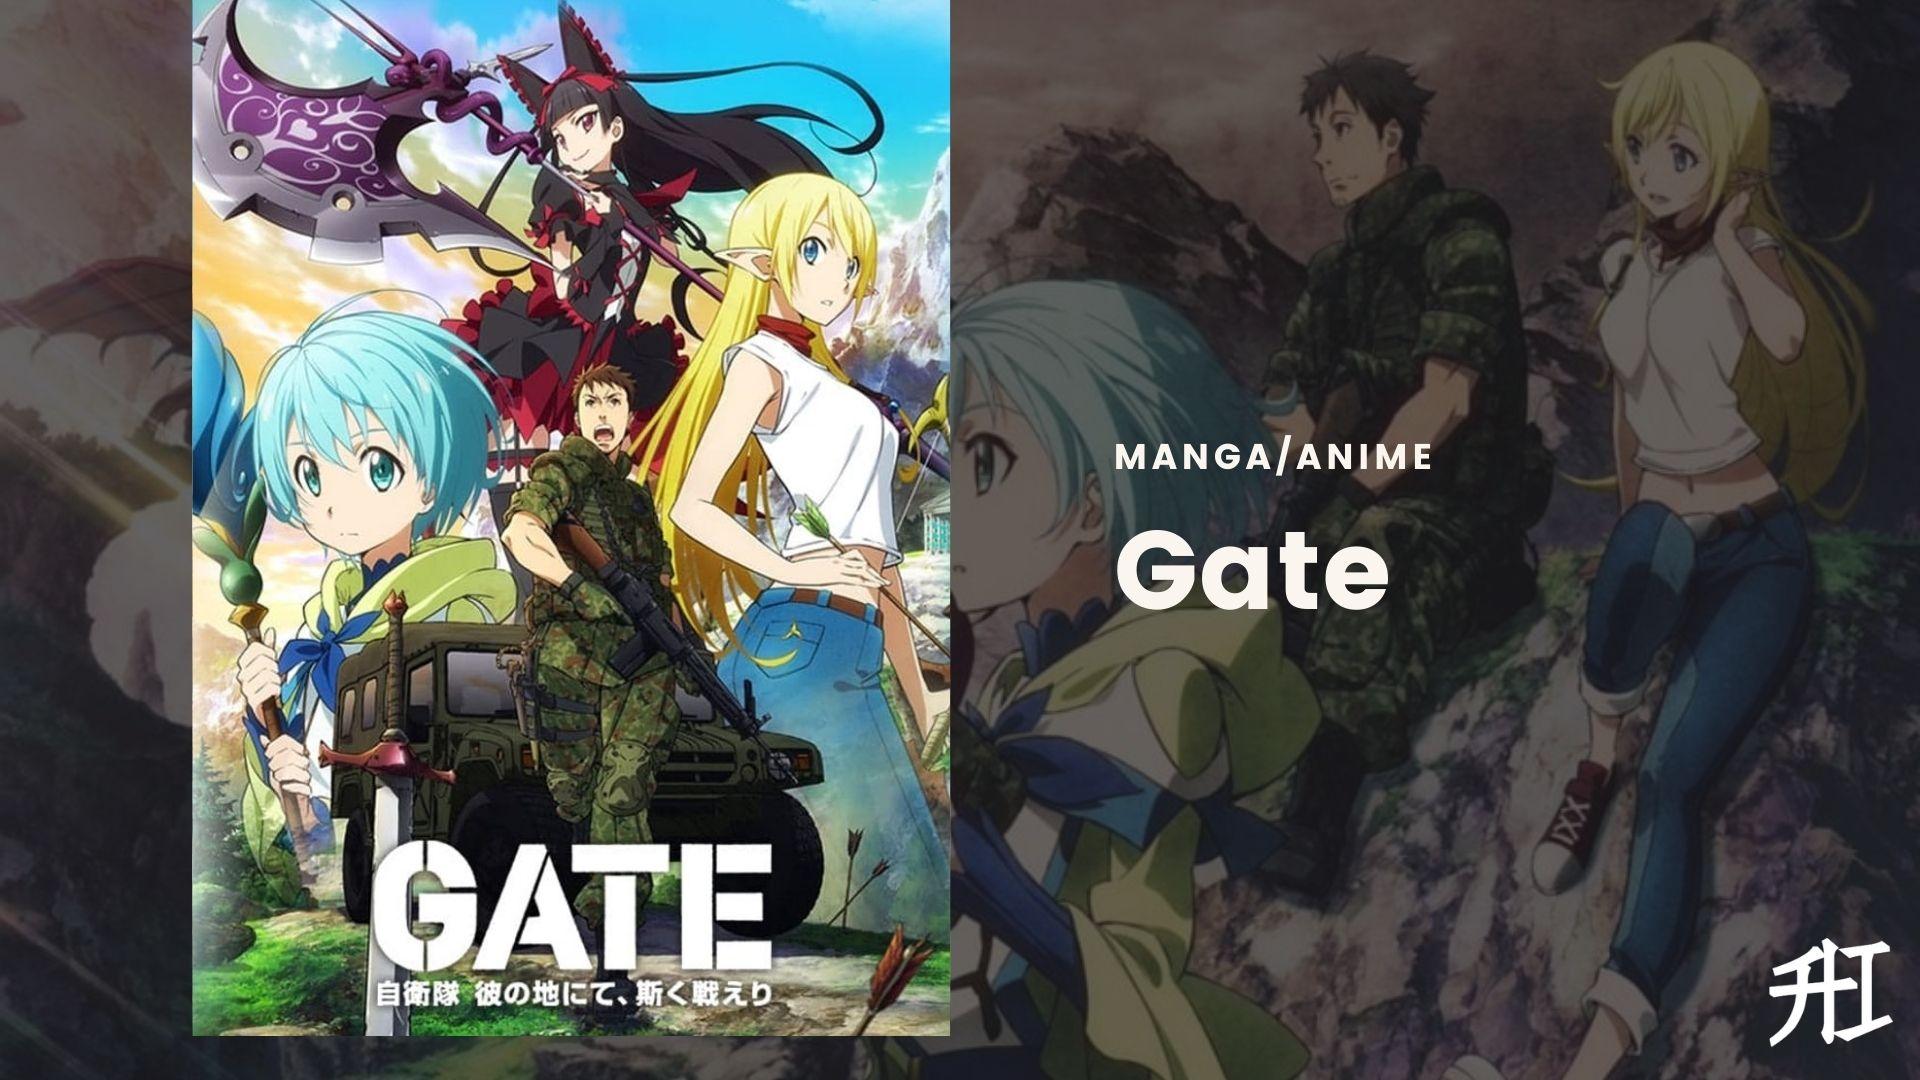 Top 13 Must-Watch Isekai Anime & Manga » Anime India